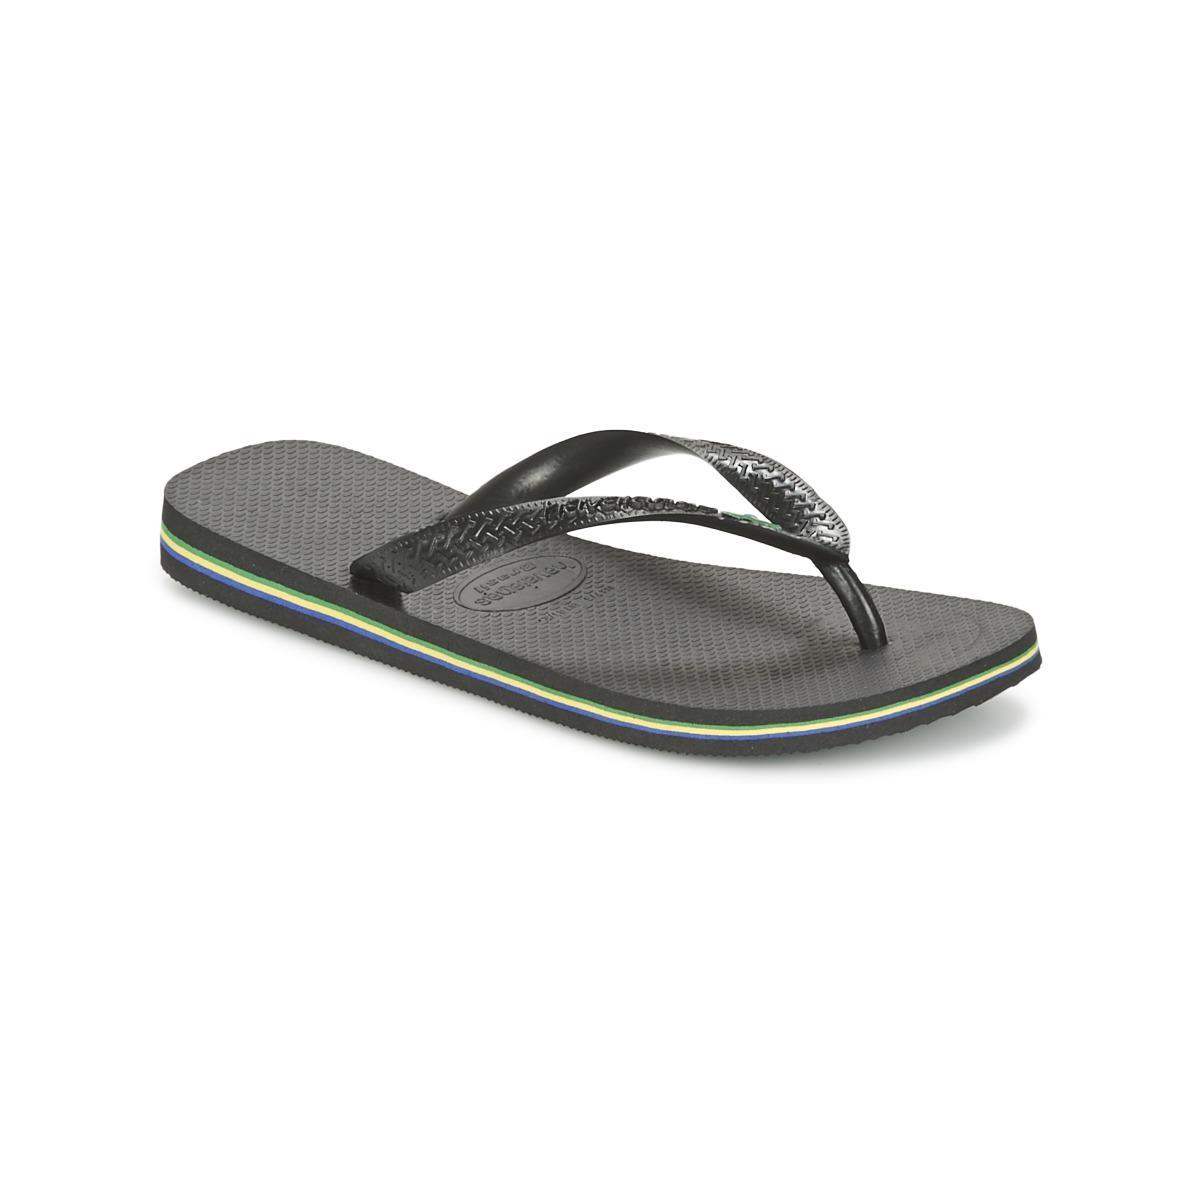 41d052329c24 Havaianas. Women s Black Brazil Flip Flop Sandal. £20 £14 From rubbersole.co .uk. Free shipping ...